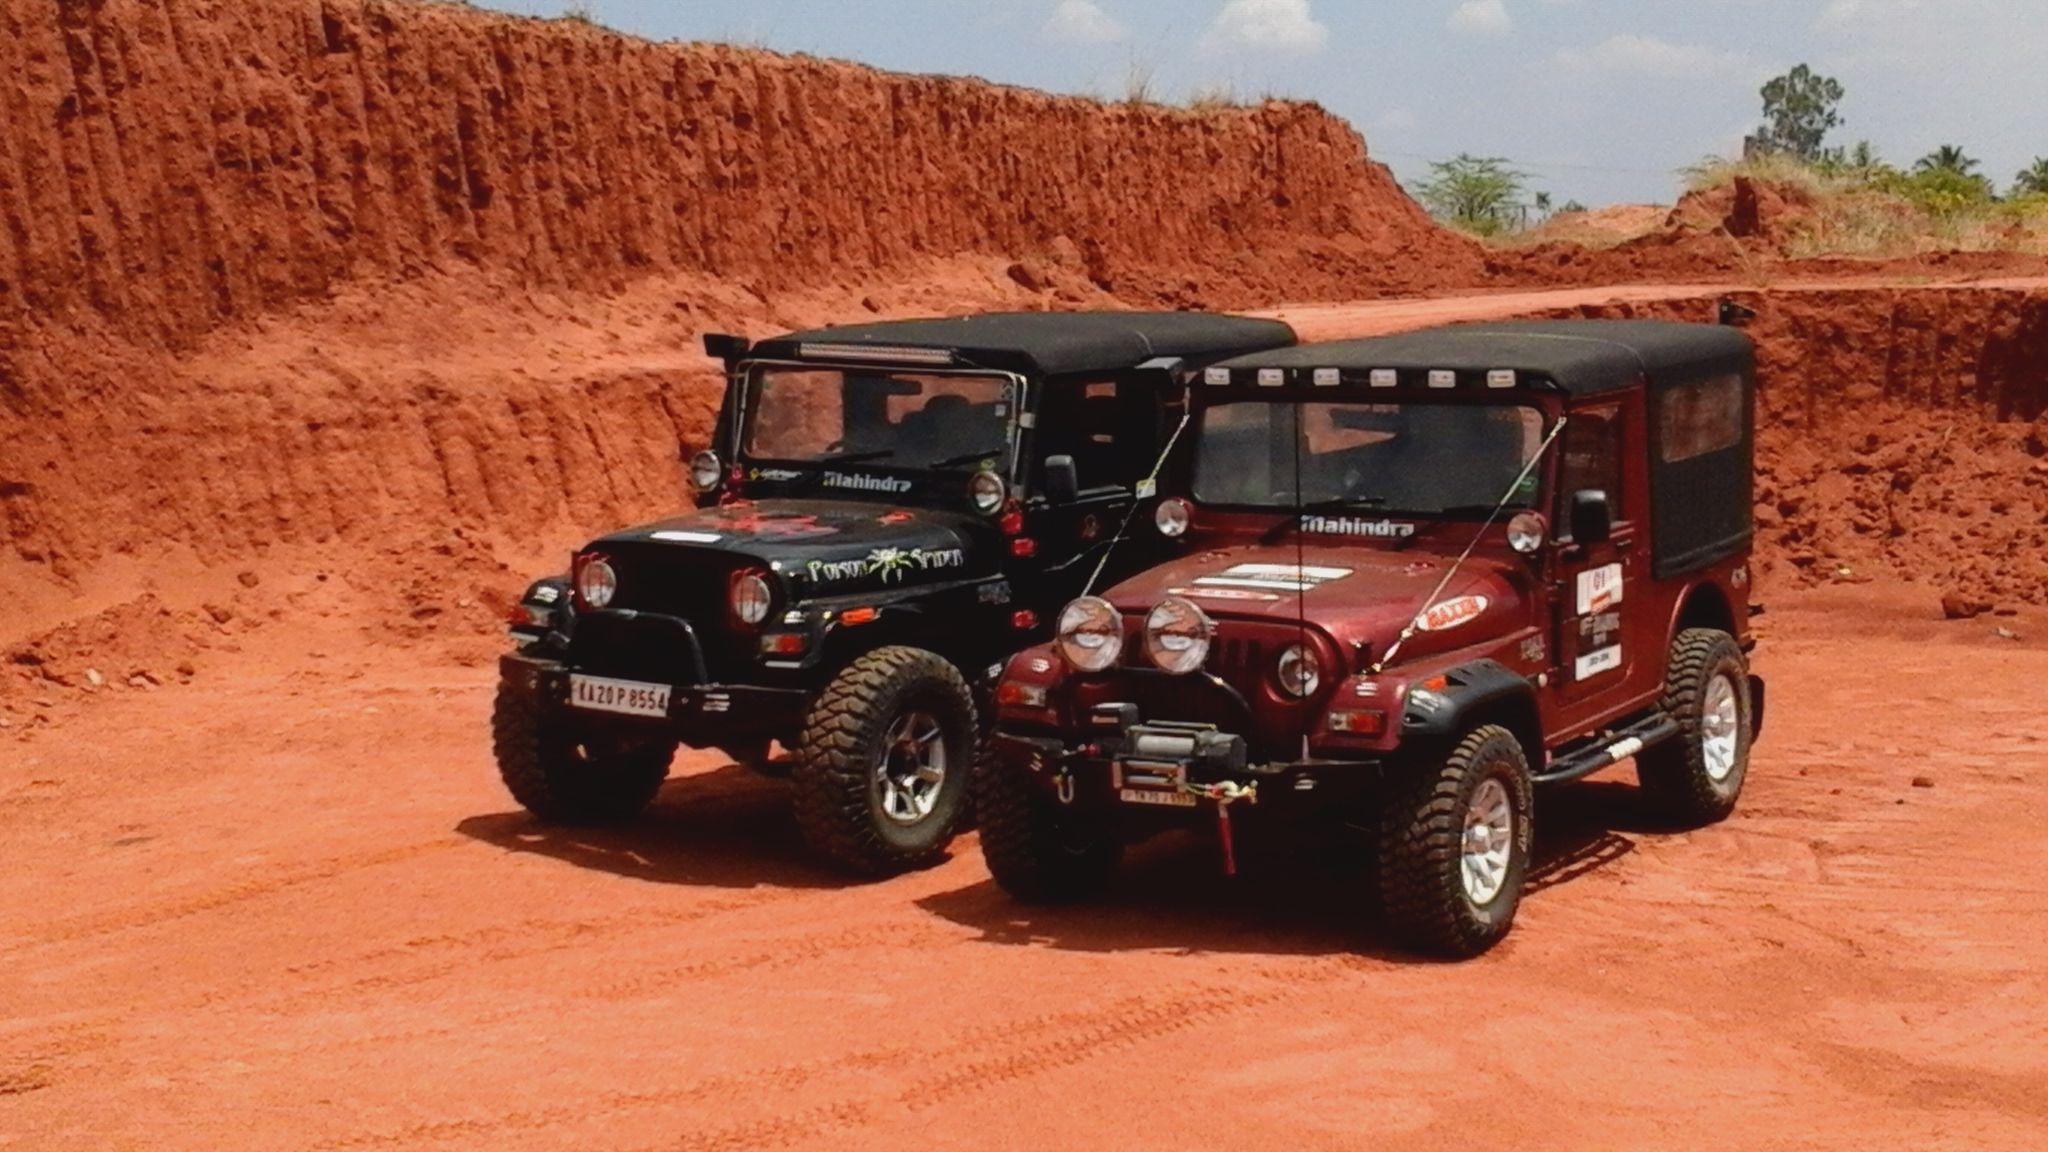 20131014 115245 Jpg 2048 1152 Mahindra Thar Jeep Travel The